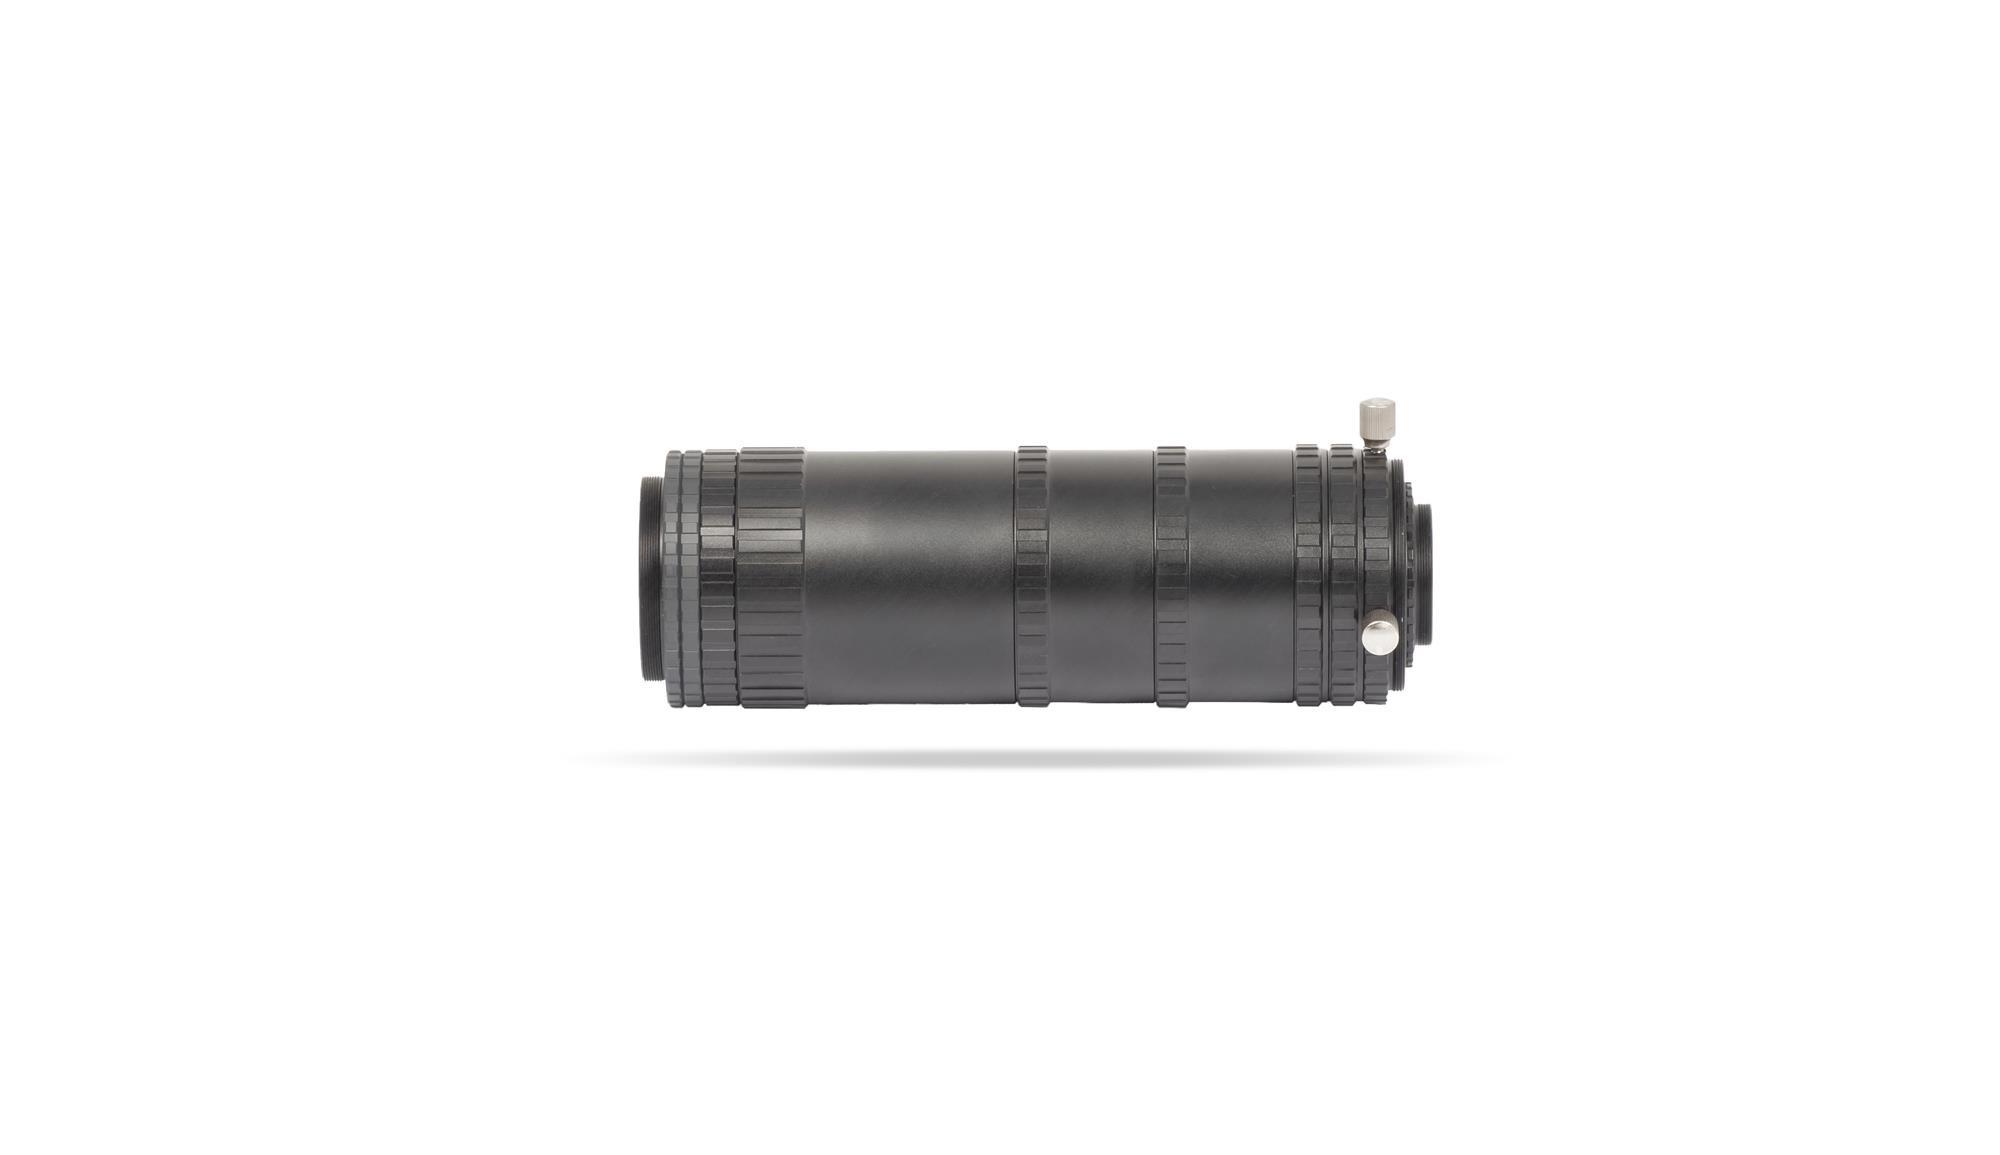 M68 Tele-Kompendium